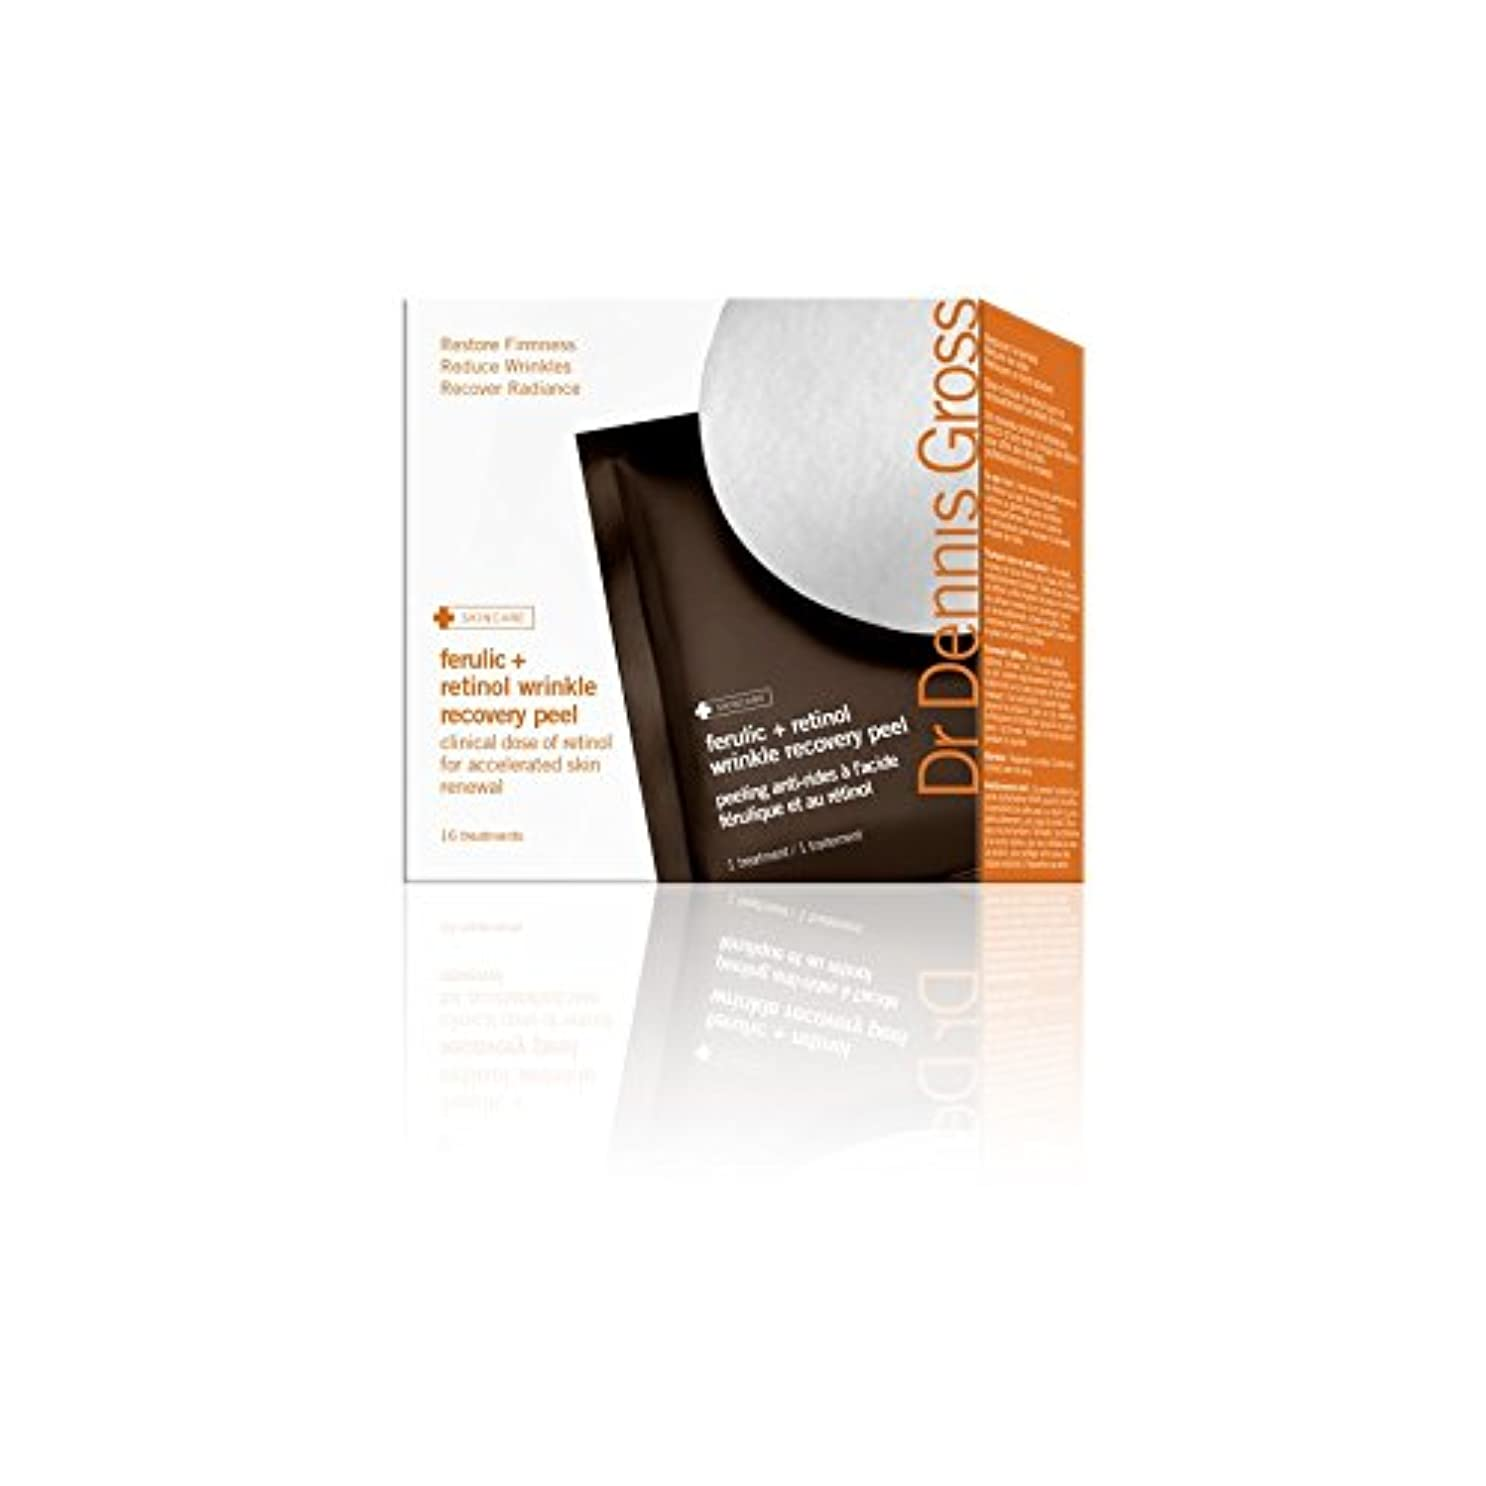 デニース?グロスフェルラとレチノールしわ回復の皮(16パック) x2 - Dr Dennis Gross Ferulic And Retinol Wrinkle Recovery Peel (16 Pack) (Pack...